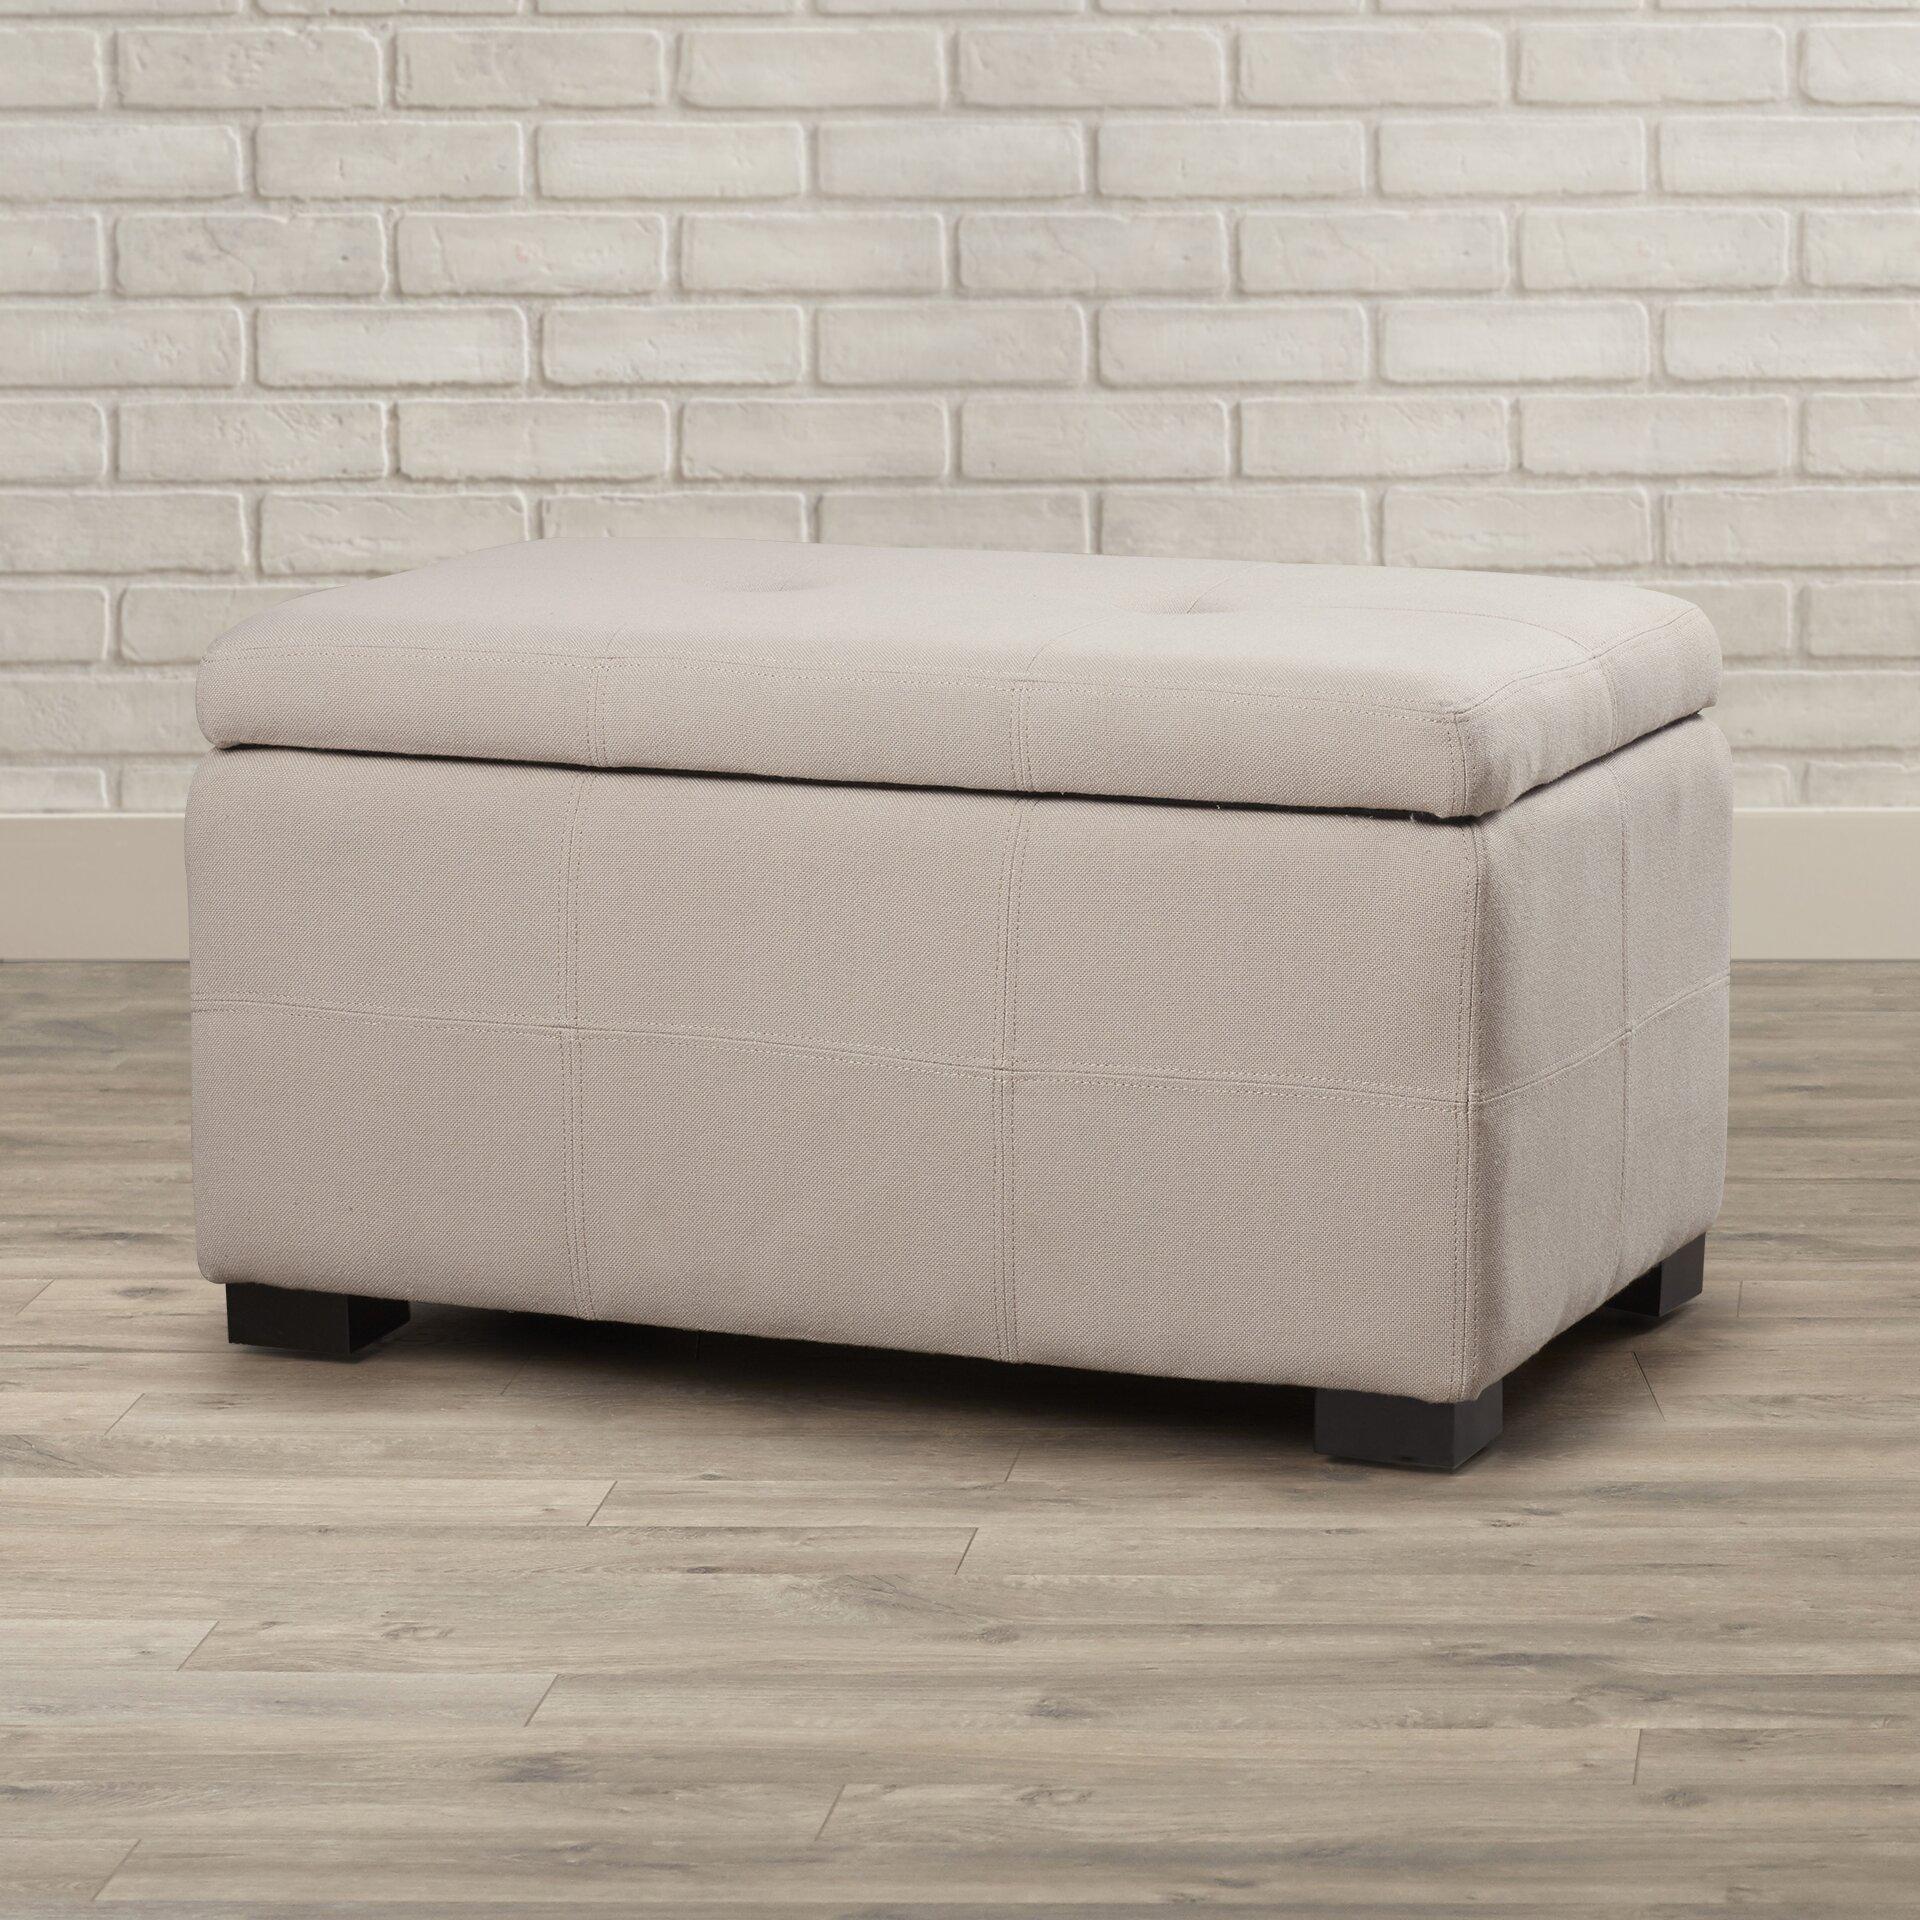 Mercury Row Tufted Beige Linen Storage Bedroom Bench